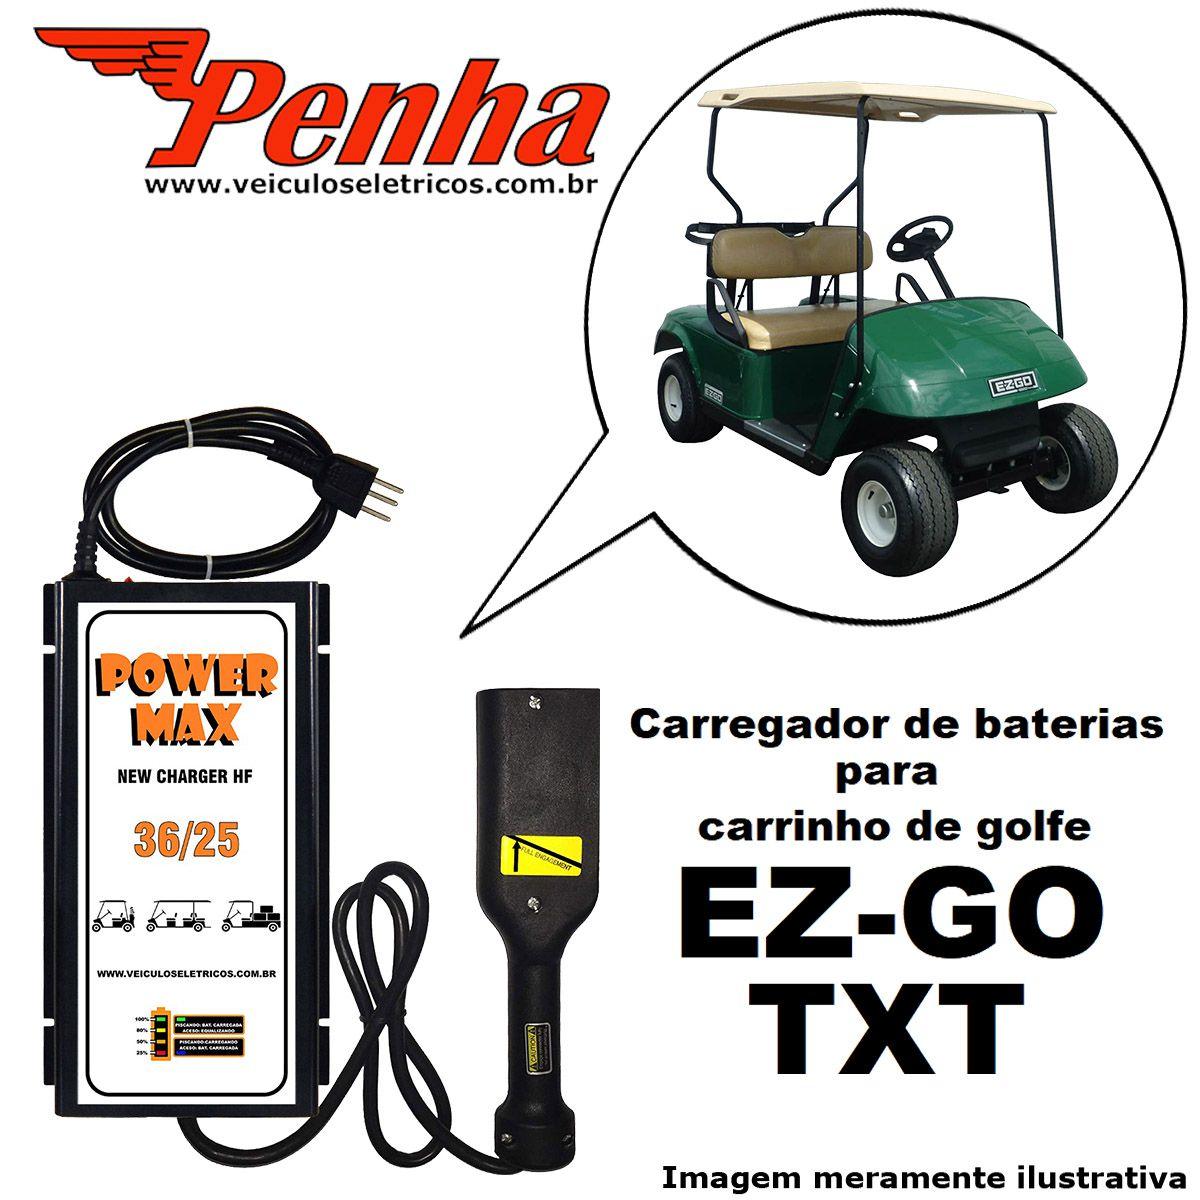 Carregador de baterias para carrinho de golfe